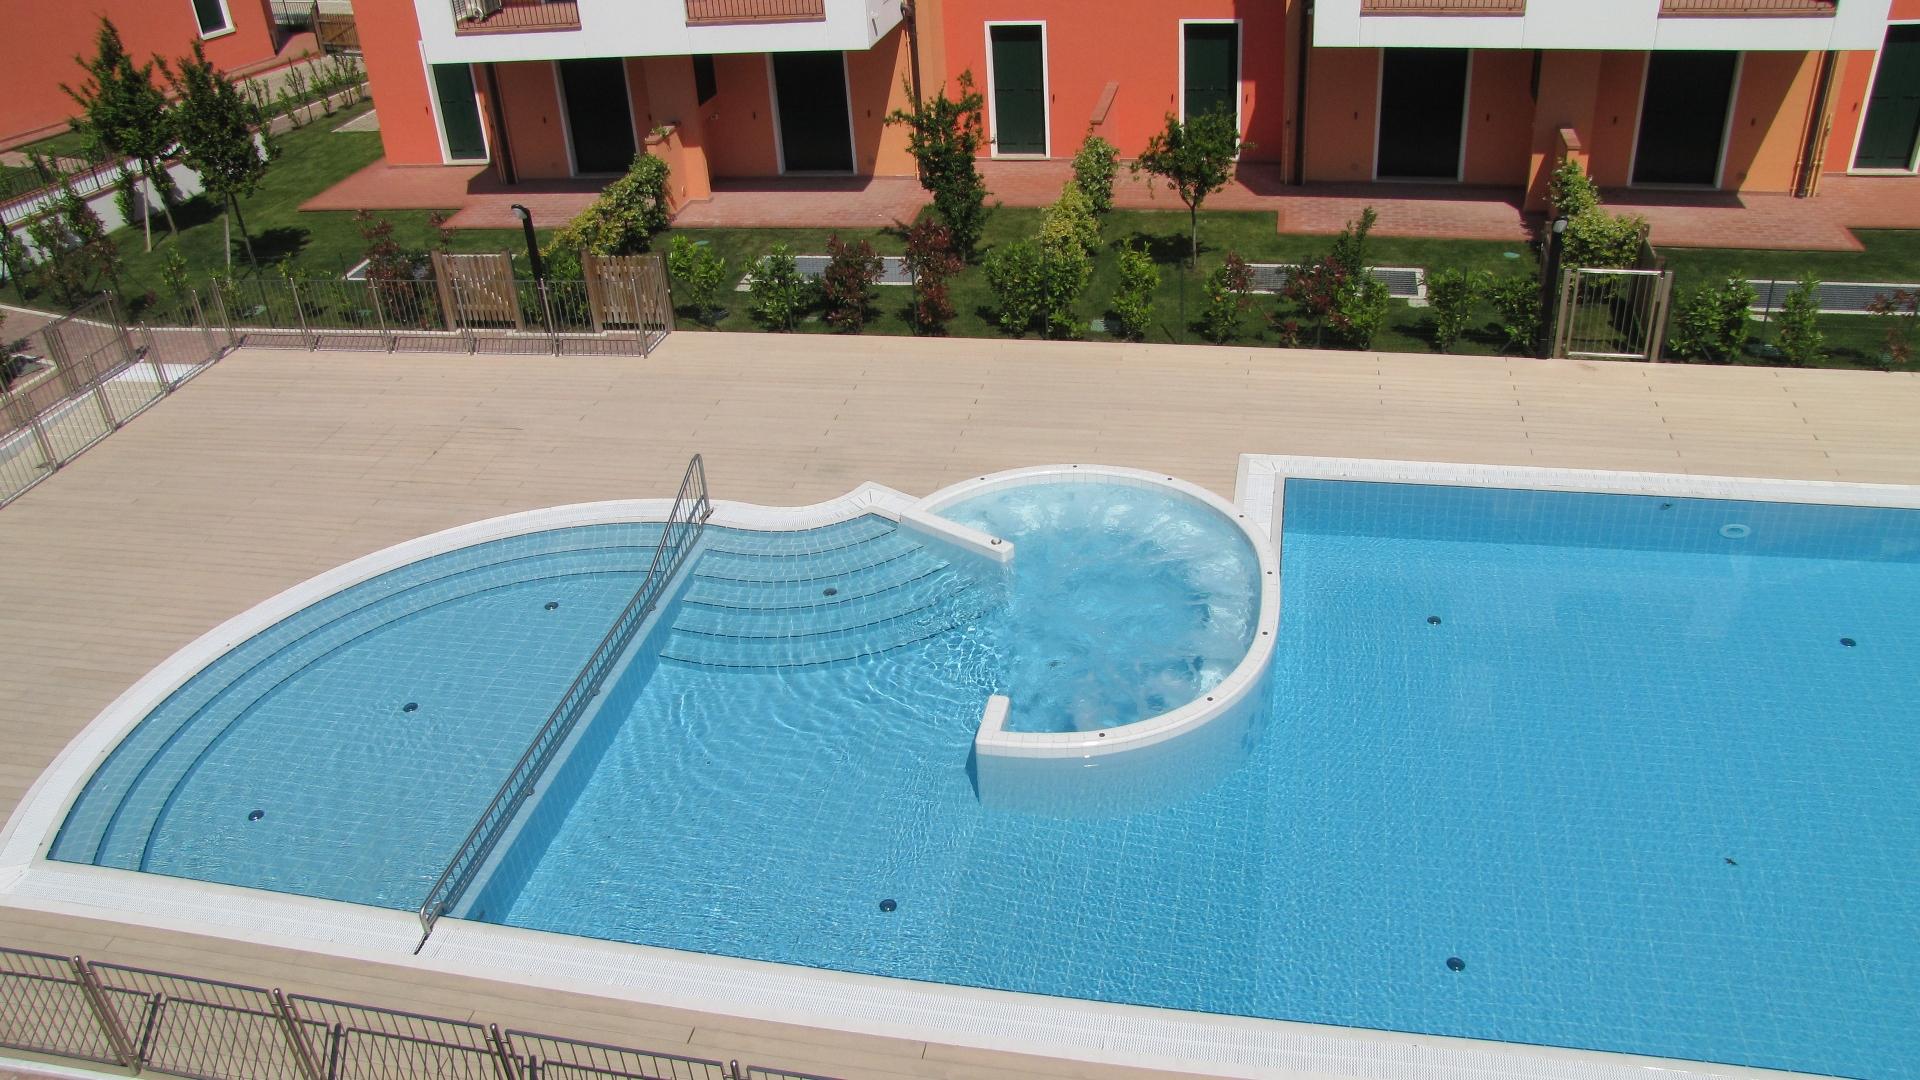 Residence i gelsomini a cavallino venezia foto for Piani del padiglione della piscina